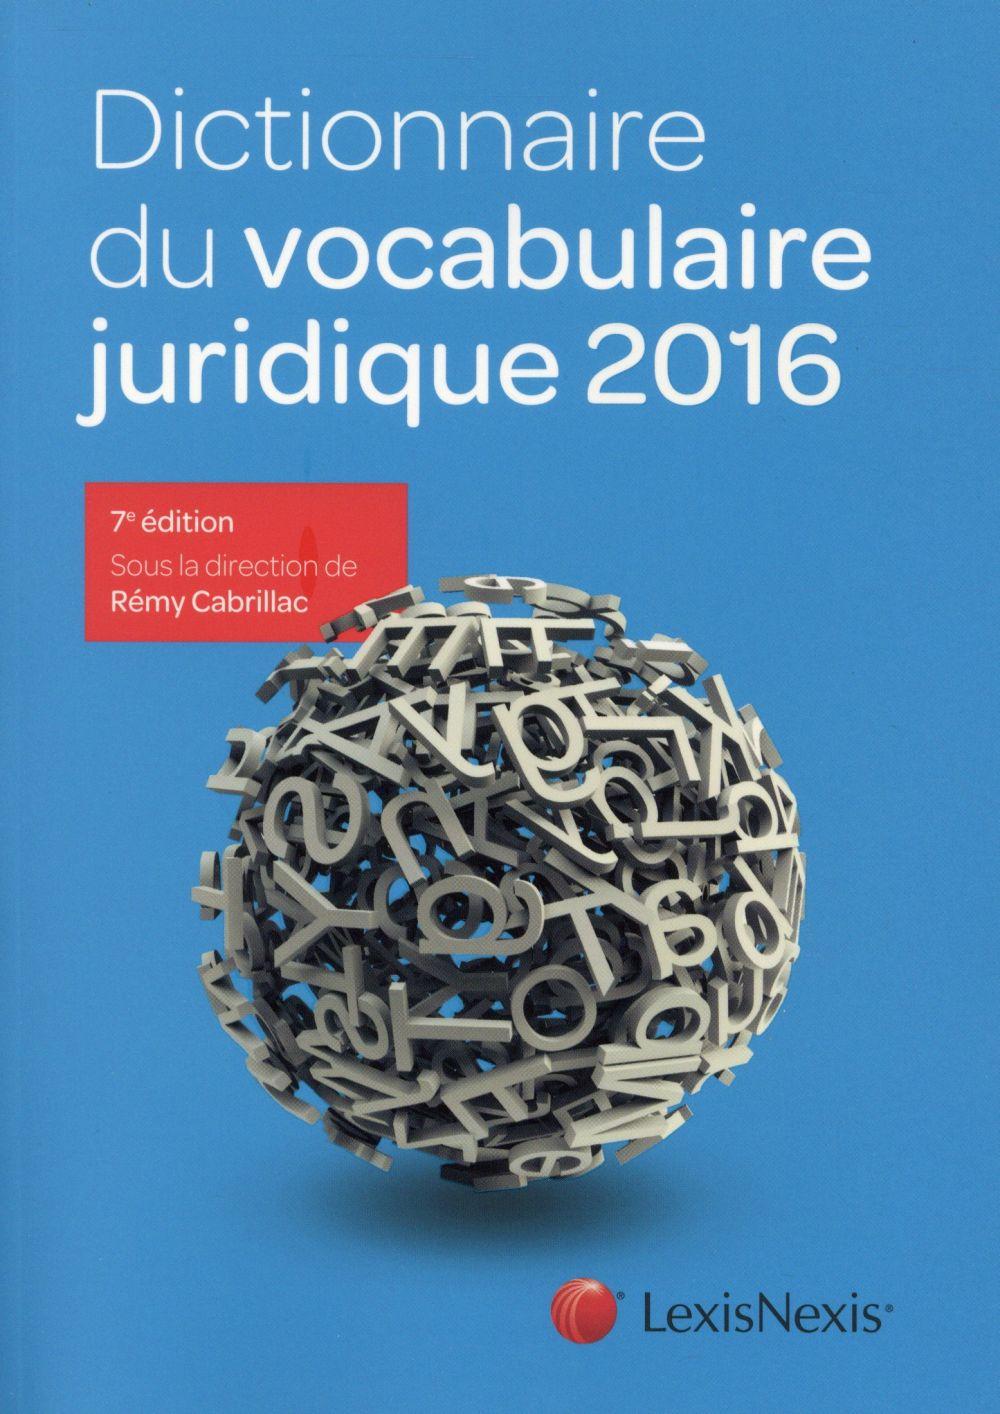 Dictionnaire du vocabulaire juridique 2016